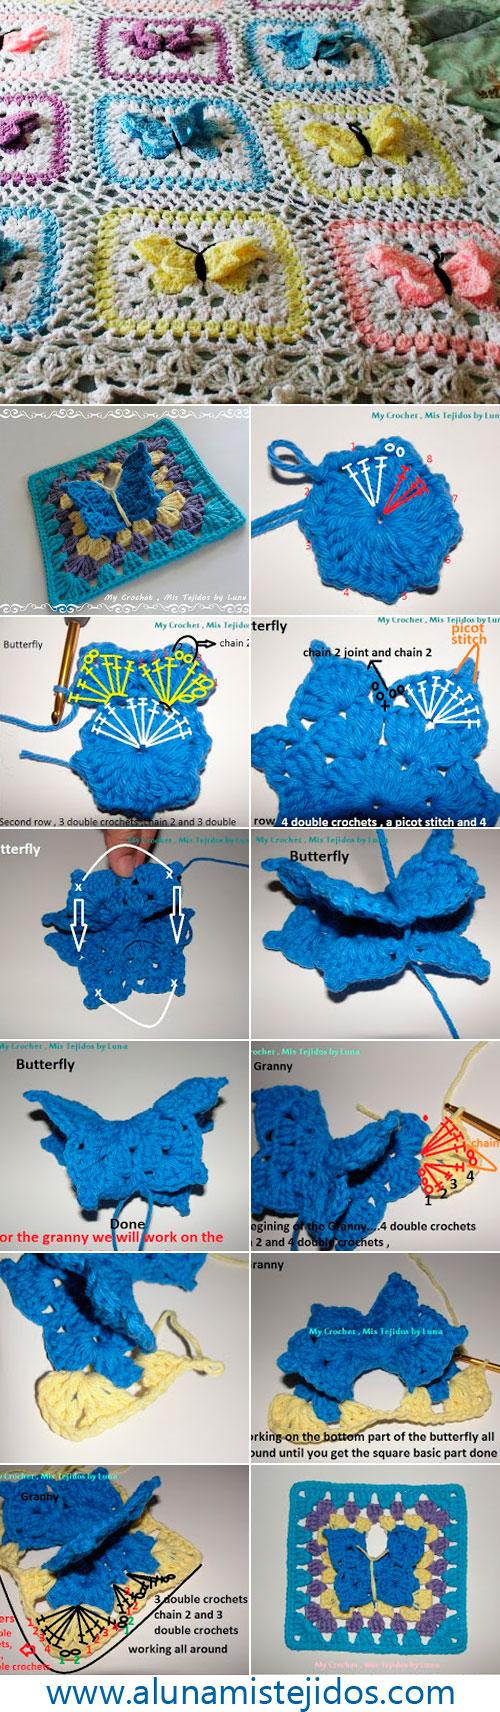 Вязание крючком бабочки в бабушкином квадрате